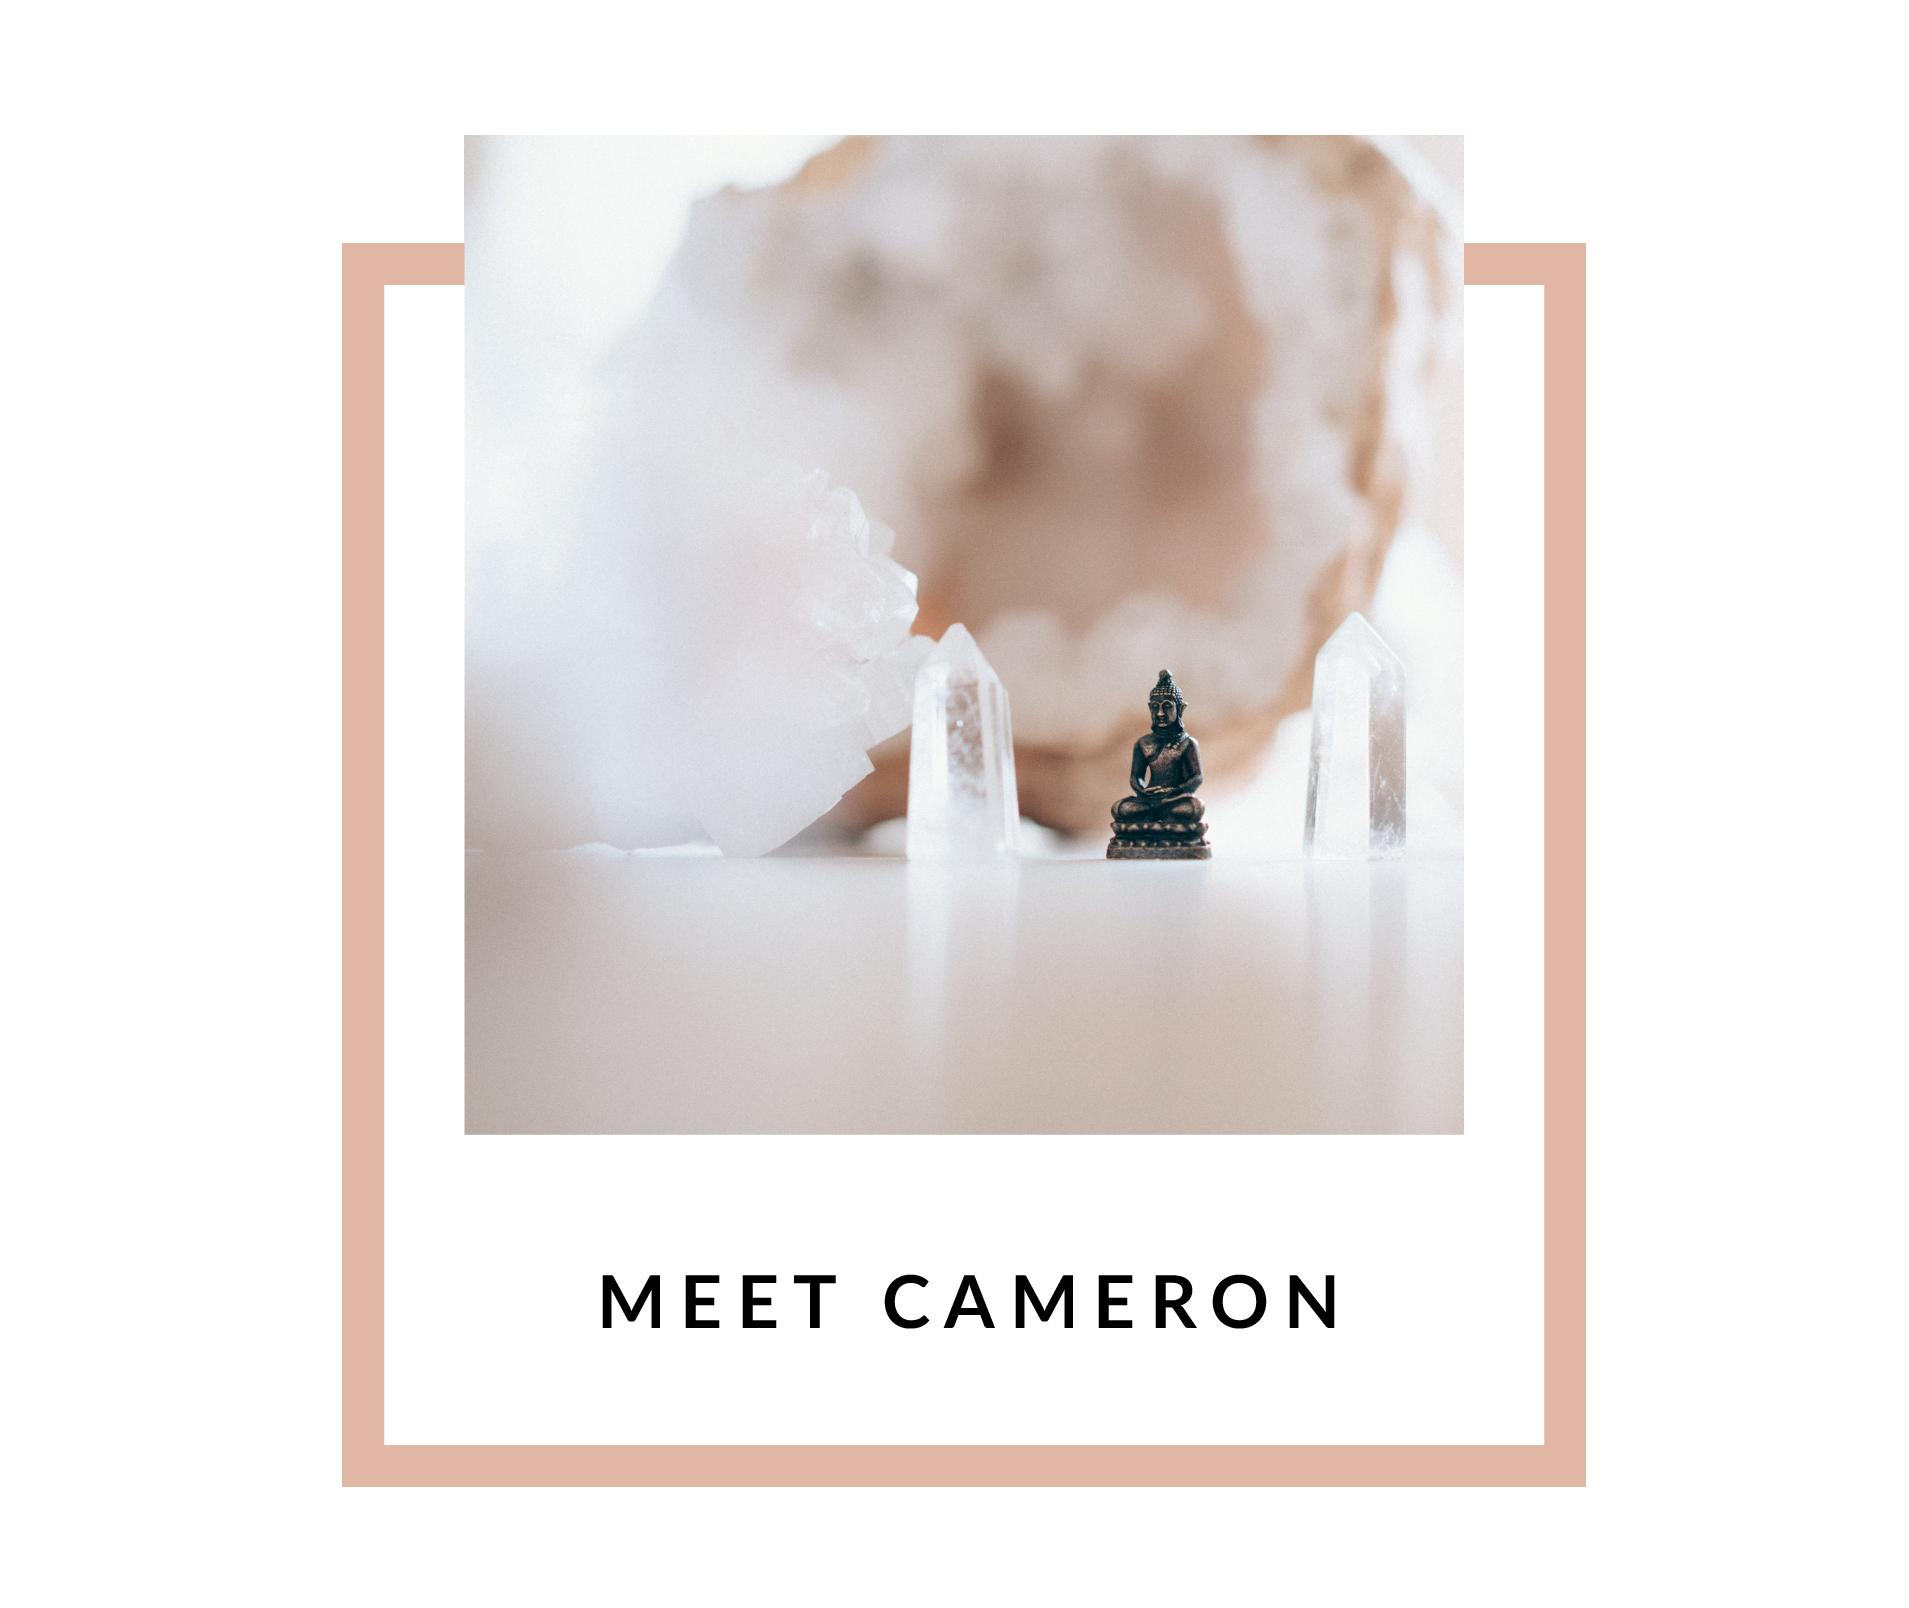 Meet Cameron-03-03.png